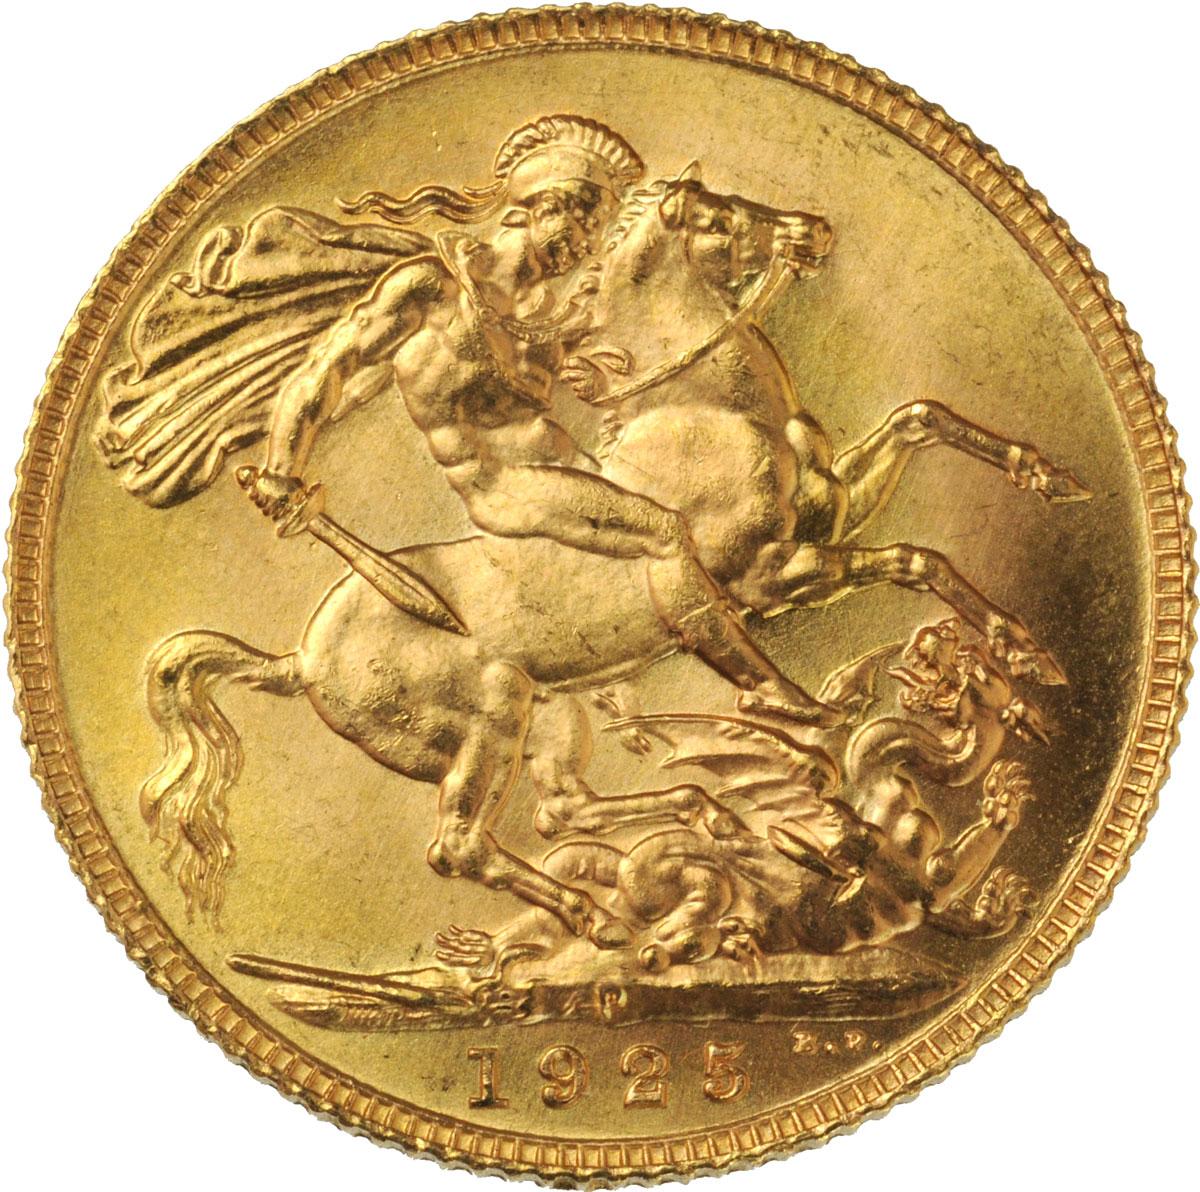 1925 Γεώργιος Ε' (Νομισματοκοπείο Περθ)